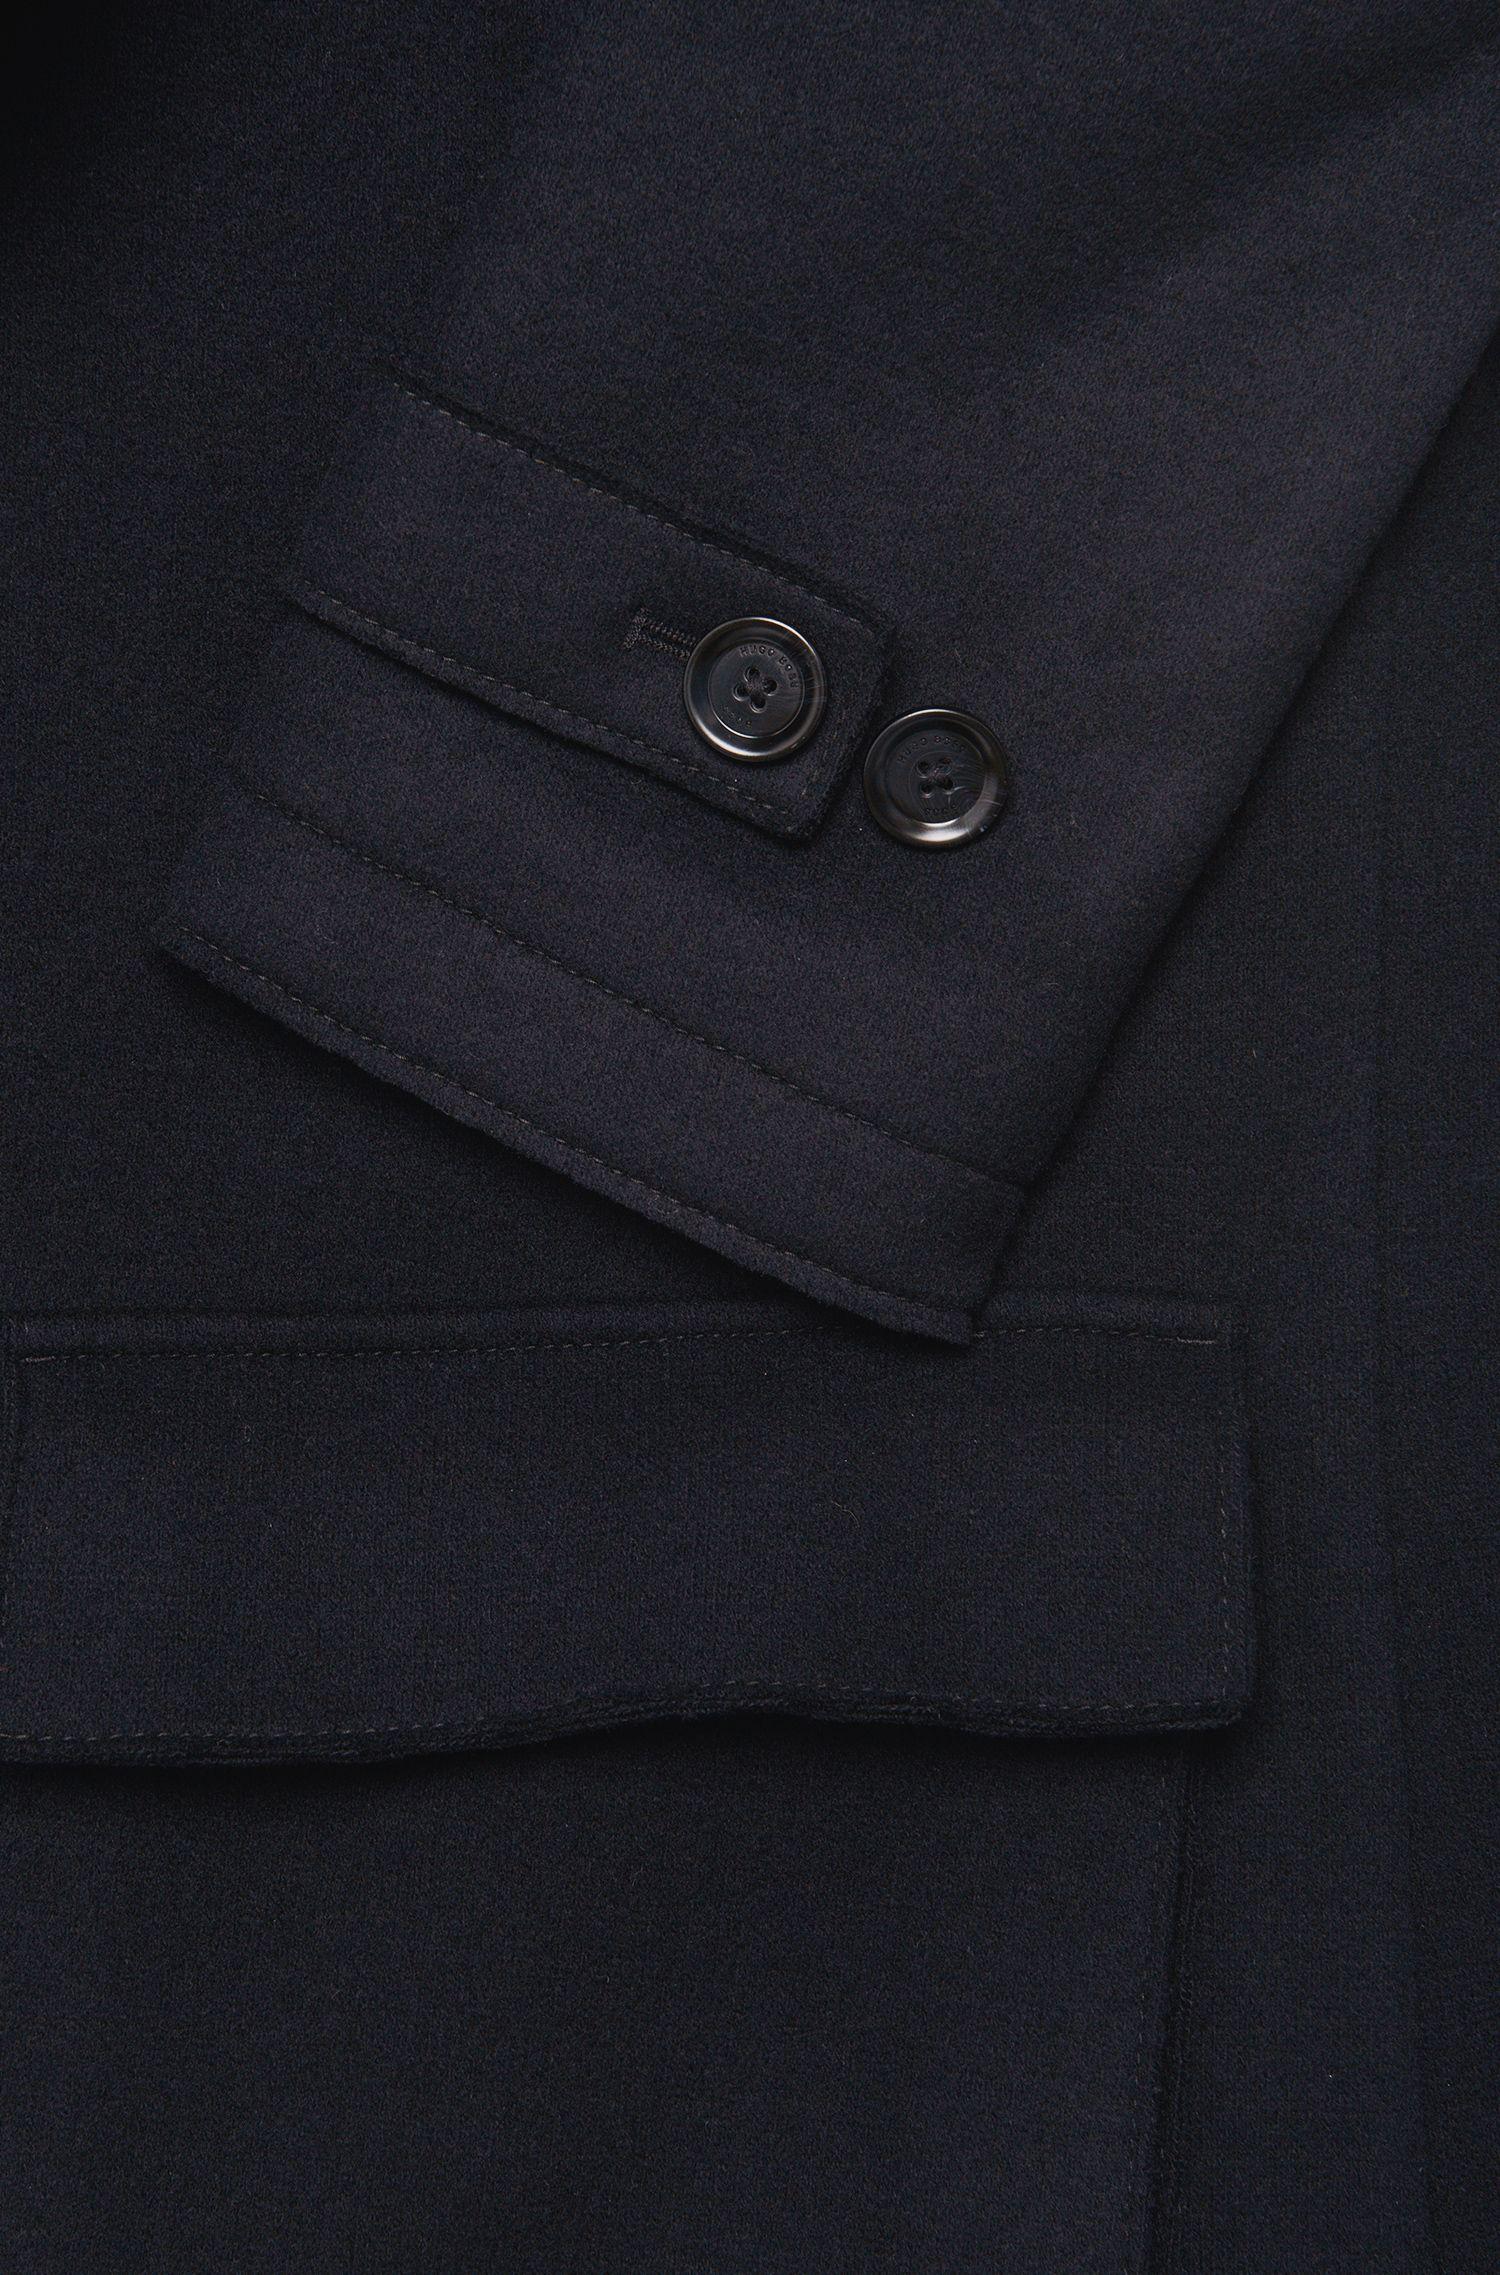 Jacke aus Woll-Mix mit Riegel in Leder-Optik: 'Callun'